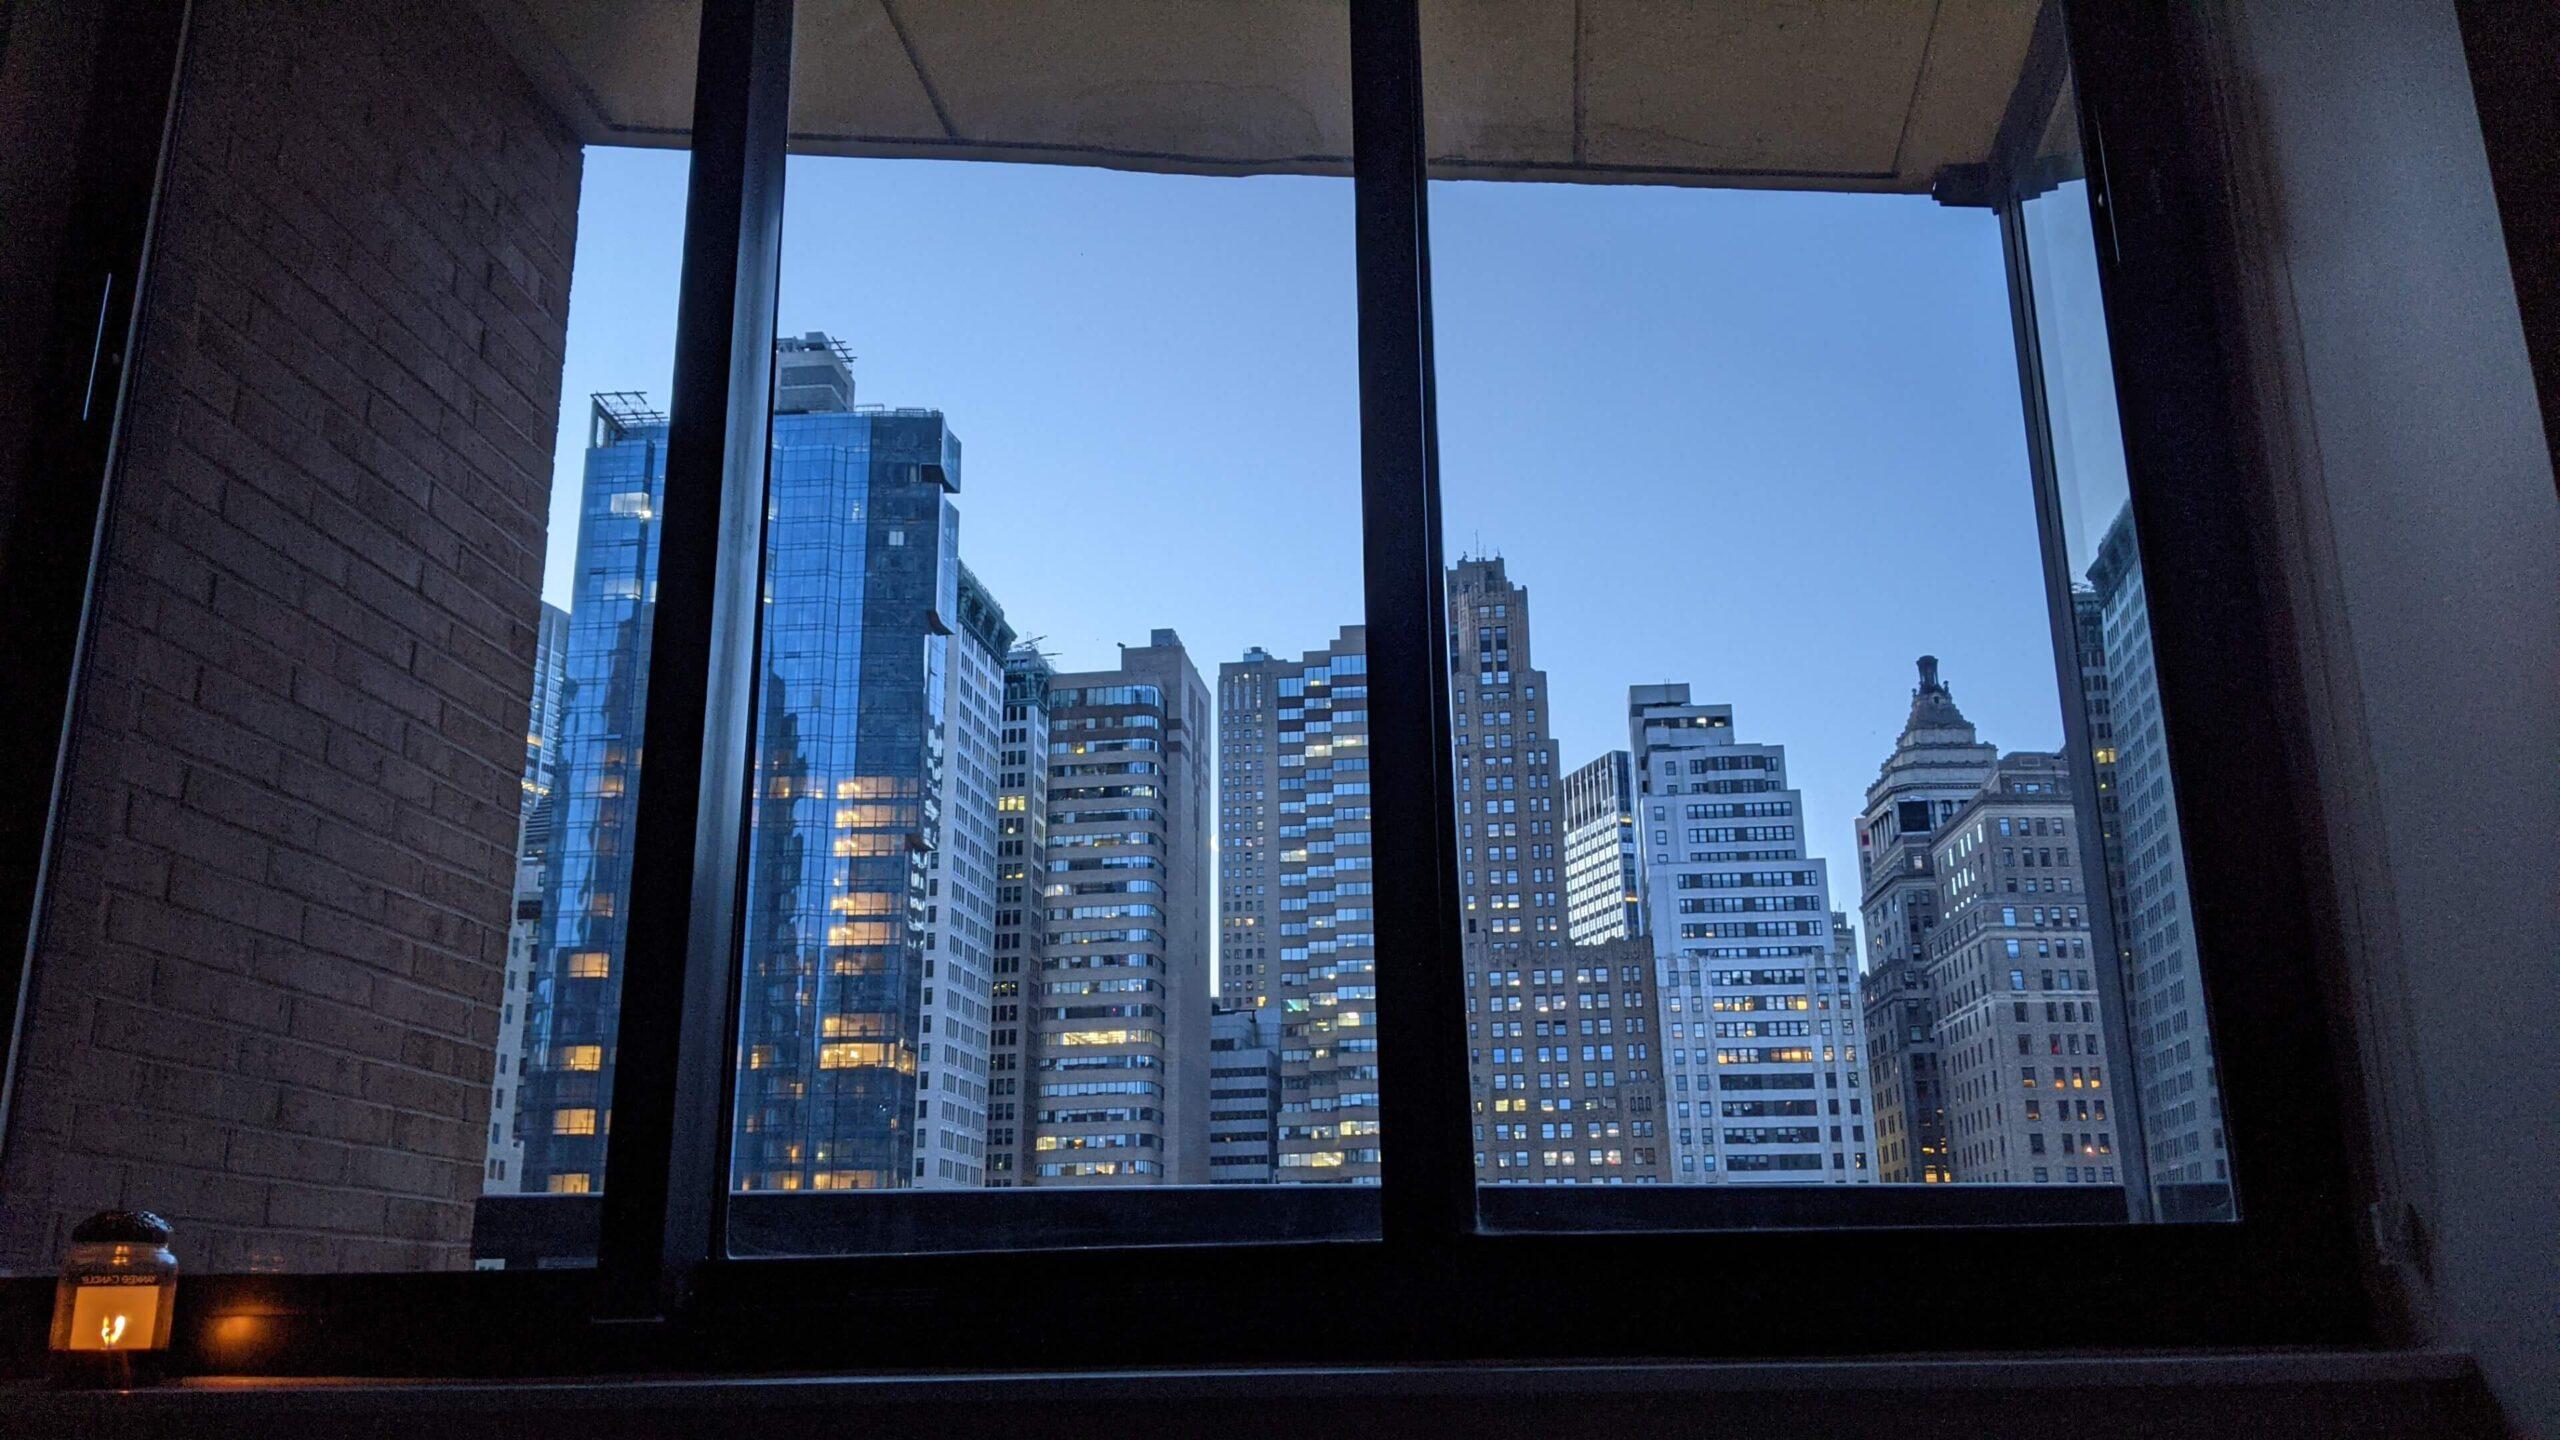 widok na nocny Manhattan z perspektywy łóżka z okna w sypialni